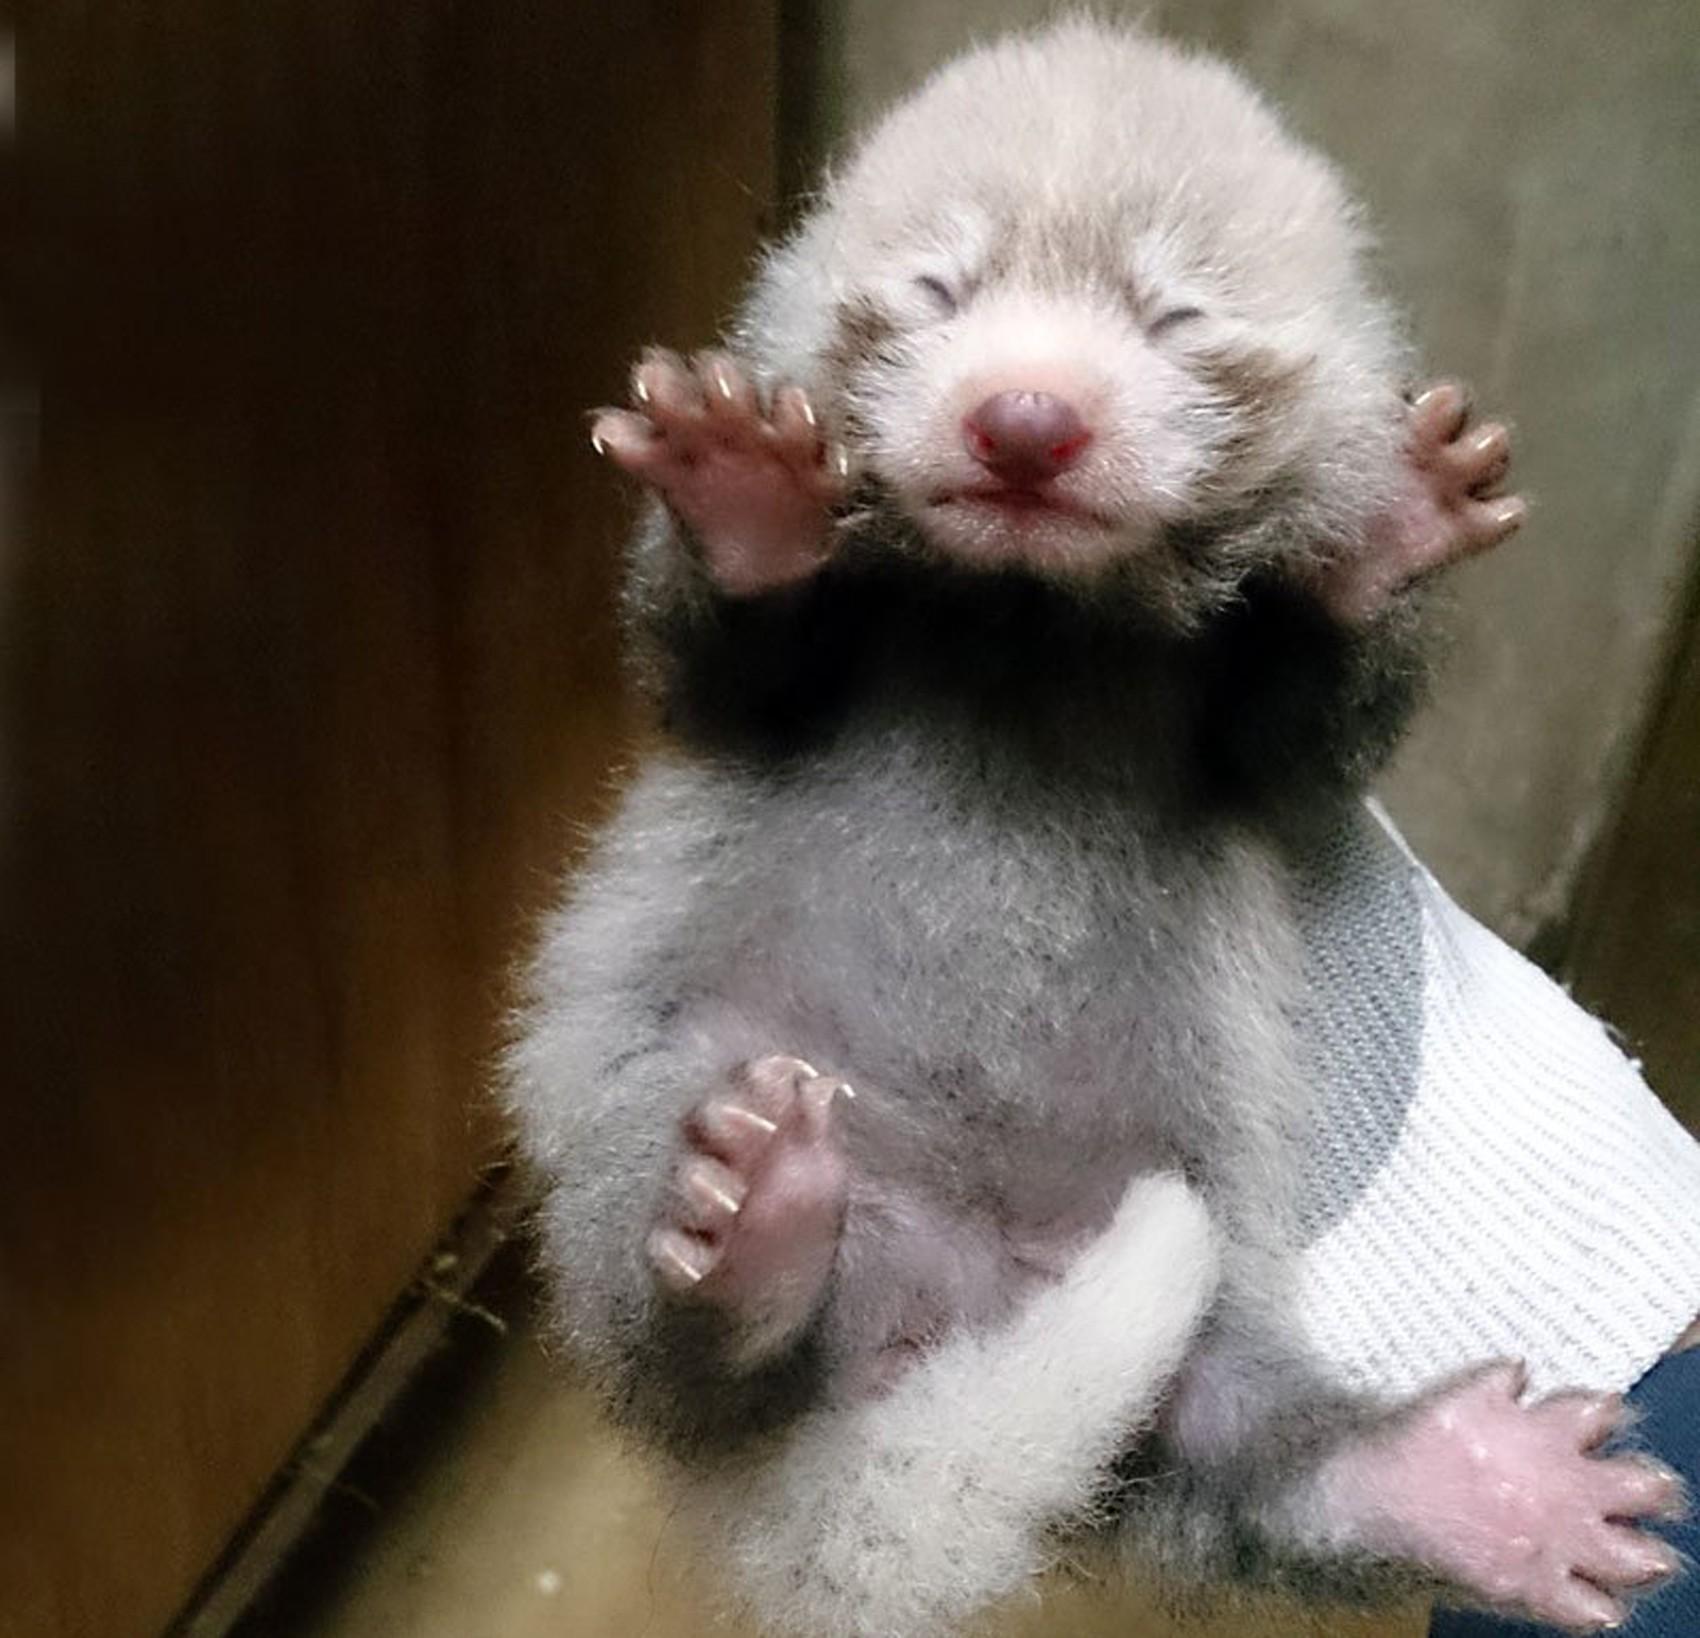 Panda-vermelho nasceu no Zoológico de Tama, no Japão, em 24 de junho (Foto: Reprodução/Twitter/TokyoZooNet)